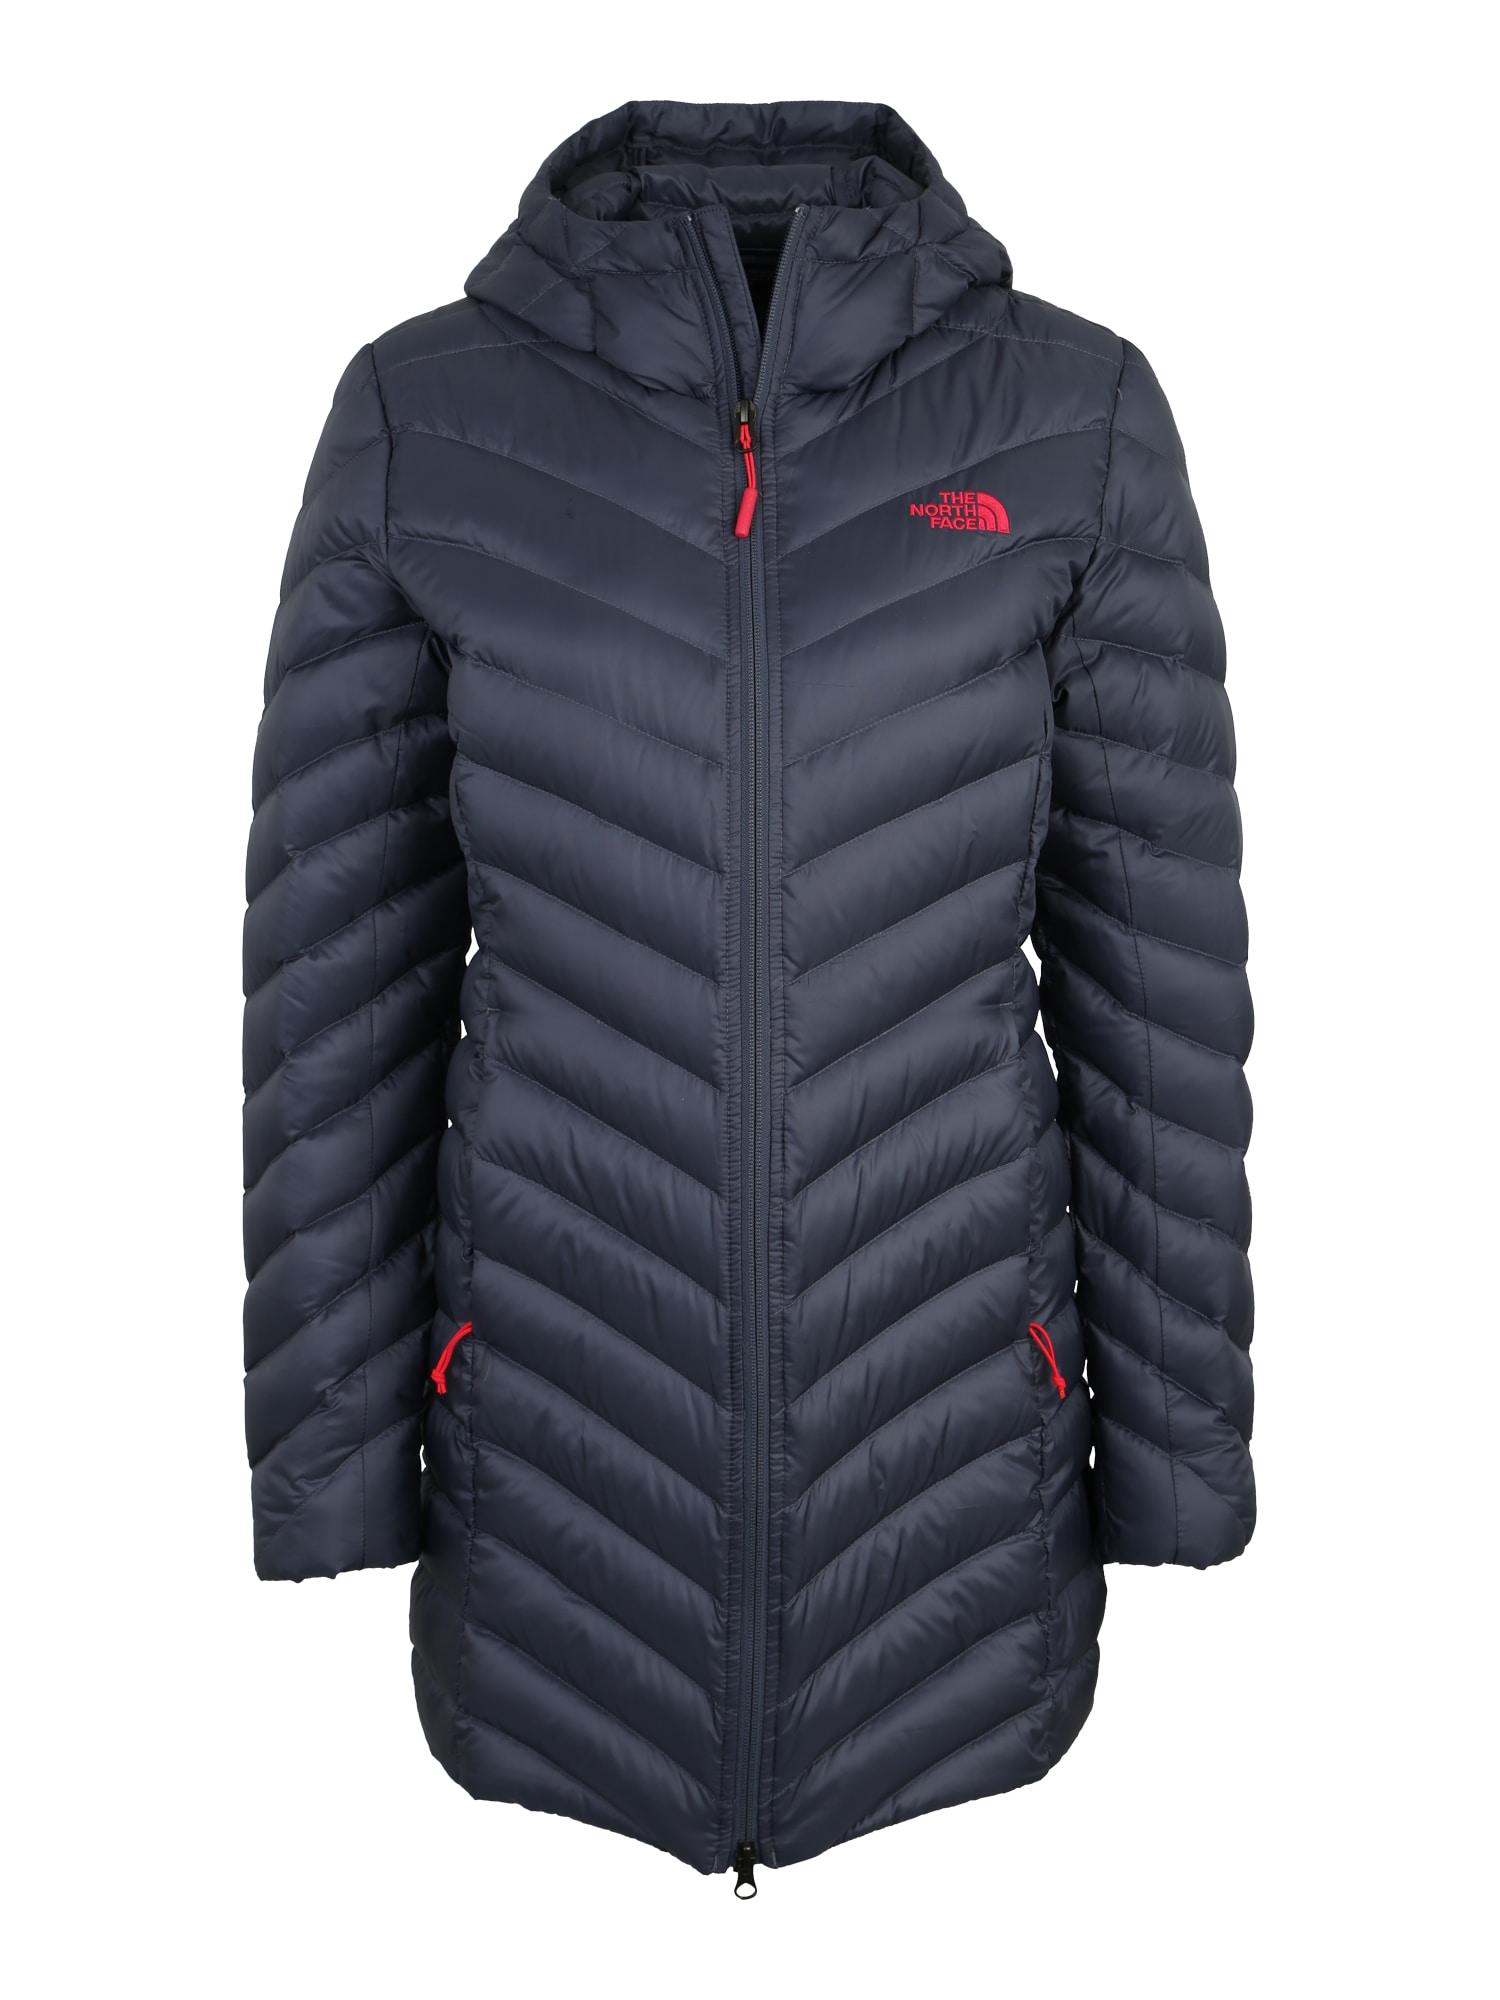 Outdoorový kabát Trevail marine modrá THE NORTH FACE